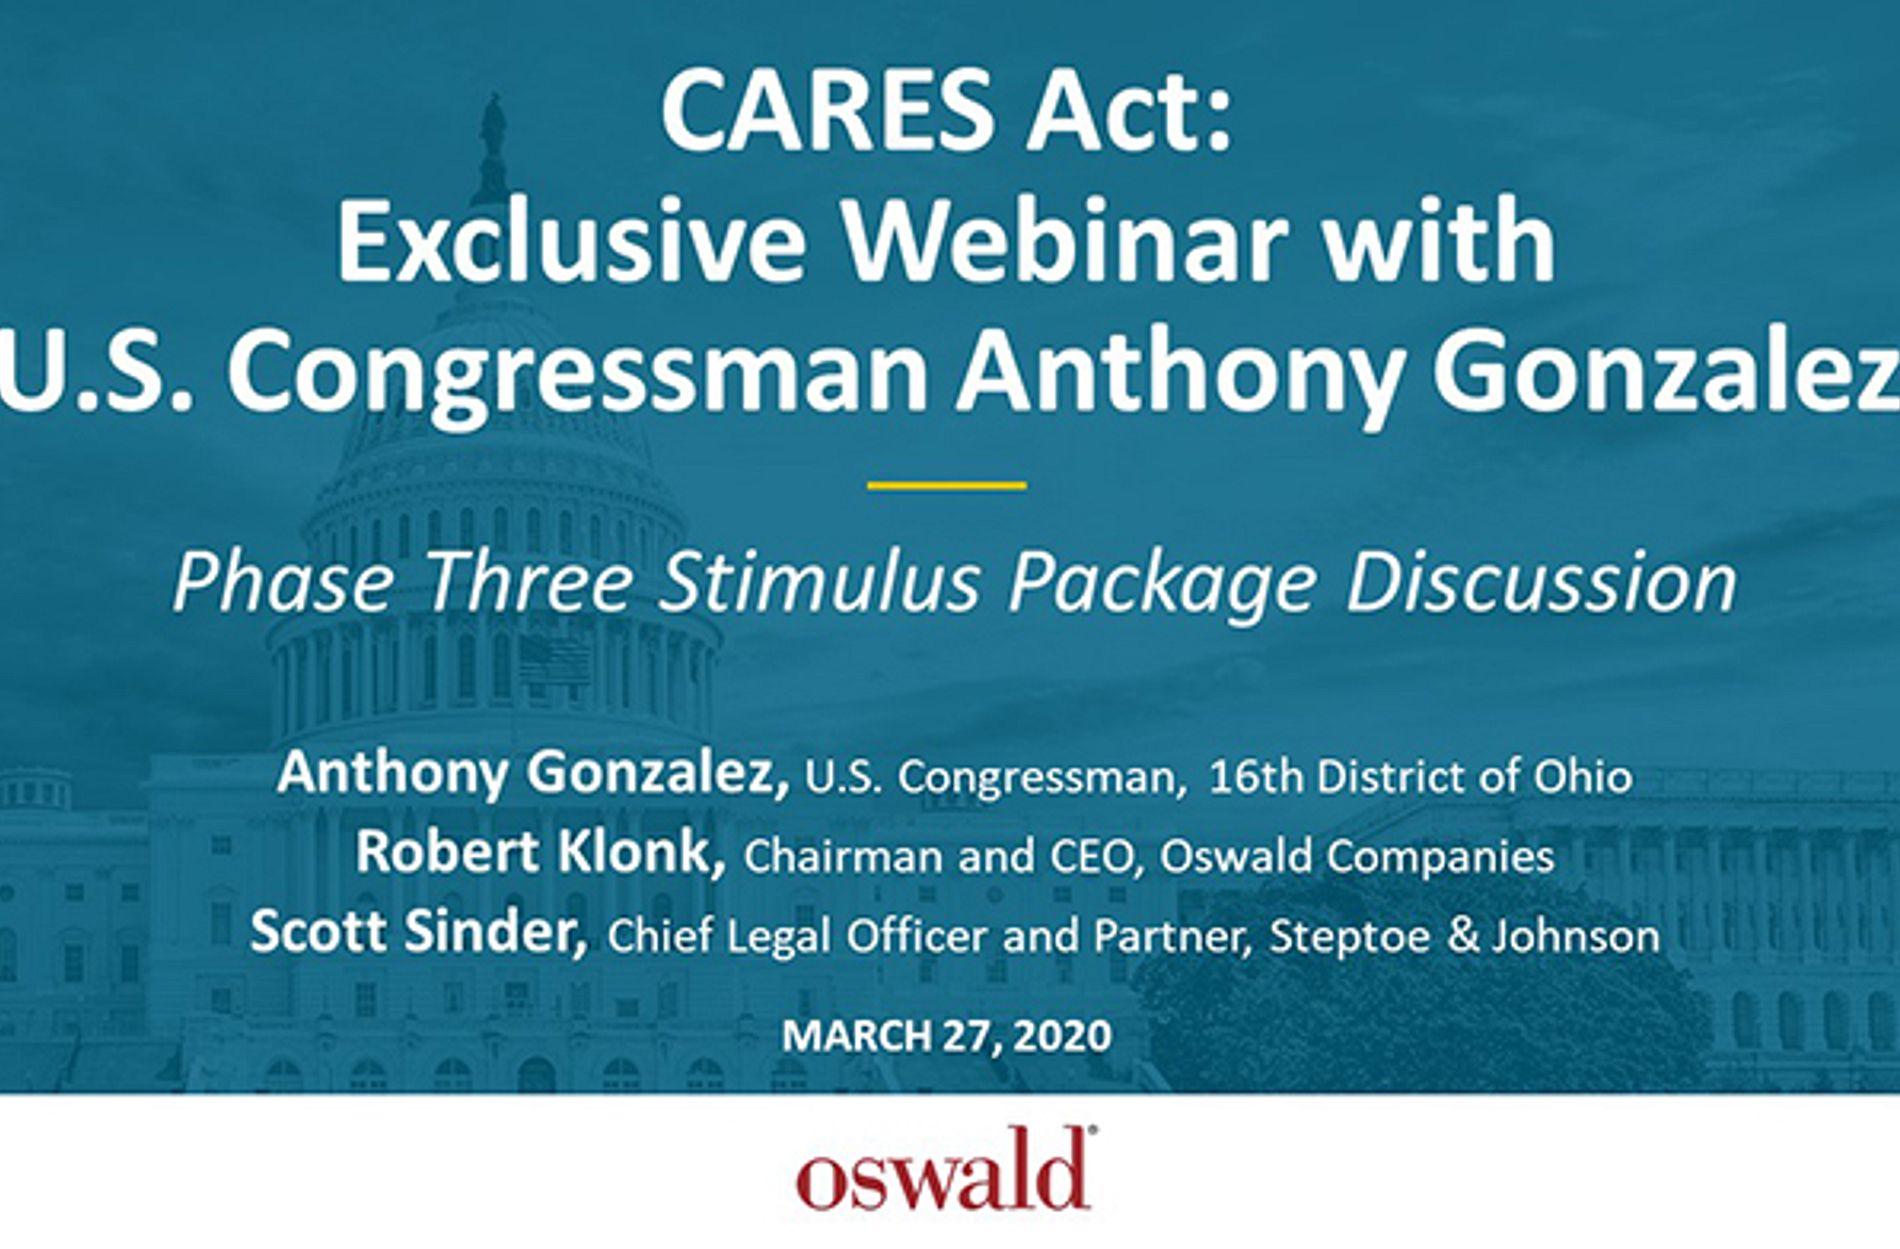 CARES Act Stimulus Phase 3